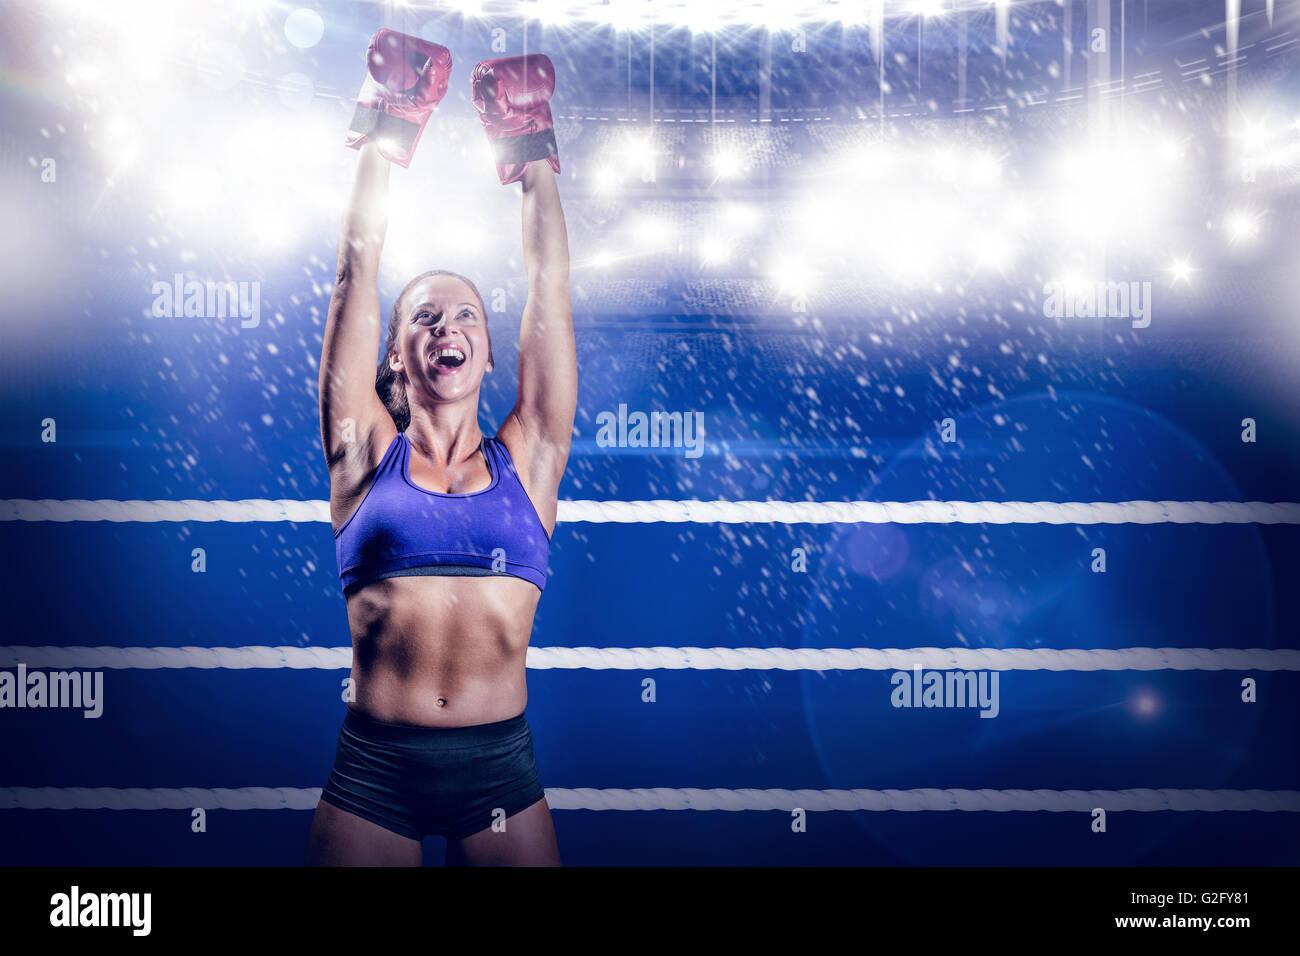 Imagen compuesta de ganar luchador con los brazos levantados Imagen De Stock